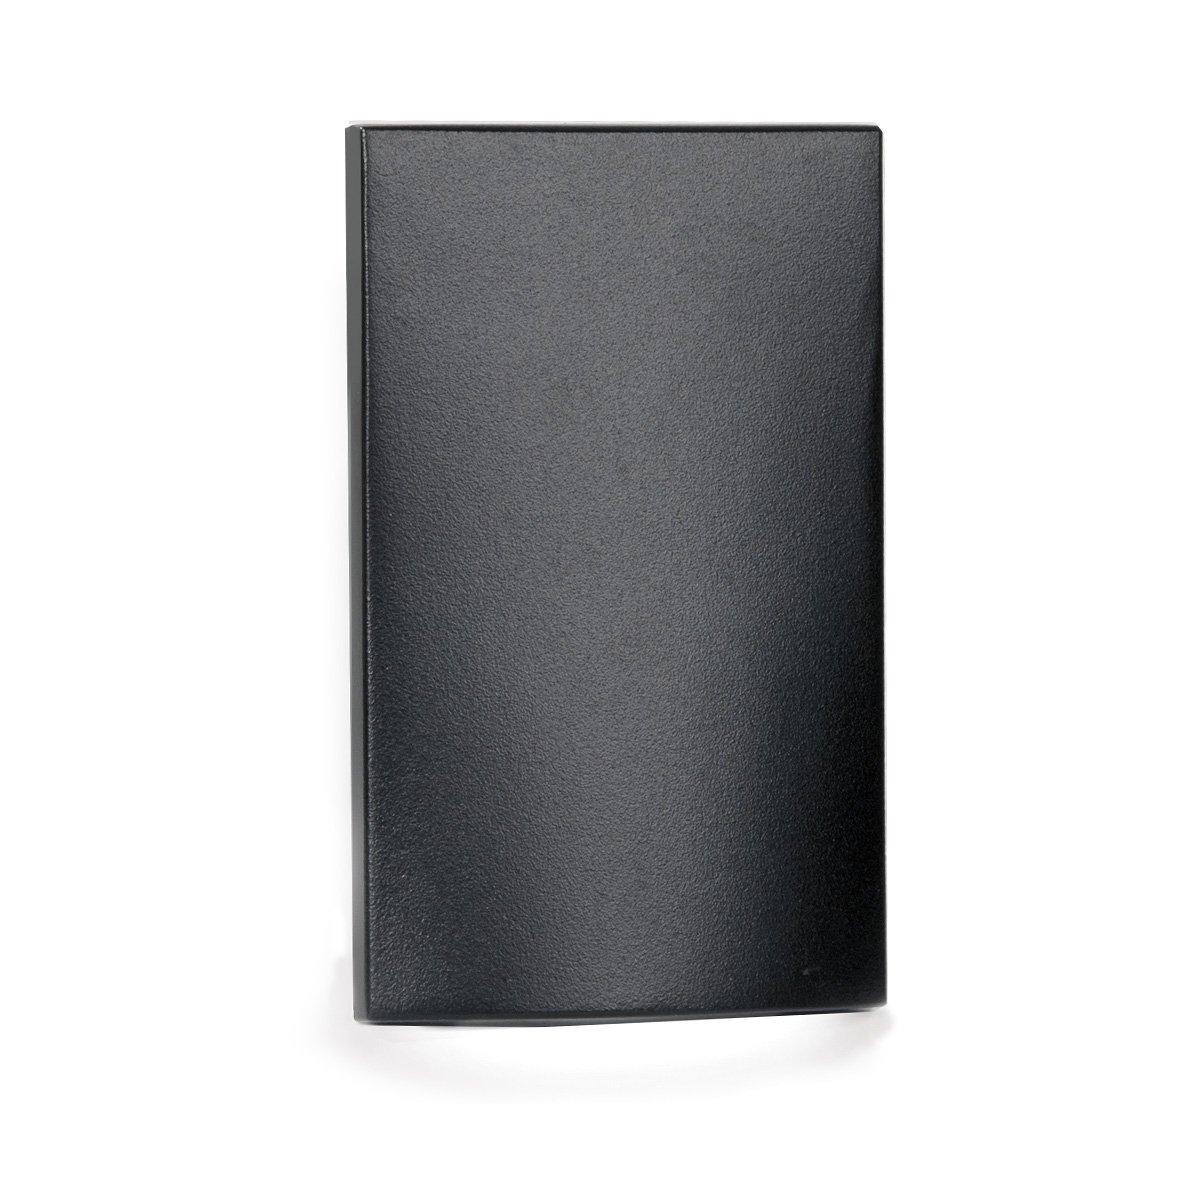 WAC Lighting WL-LED210-C-BK LED Vertical Scoop Step and Wall Light 120V 3000K, Black